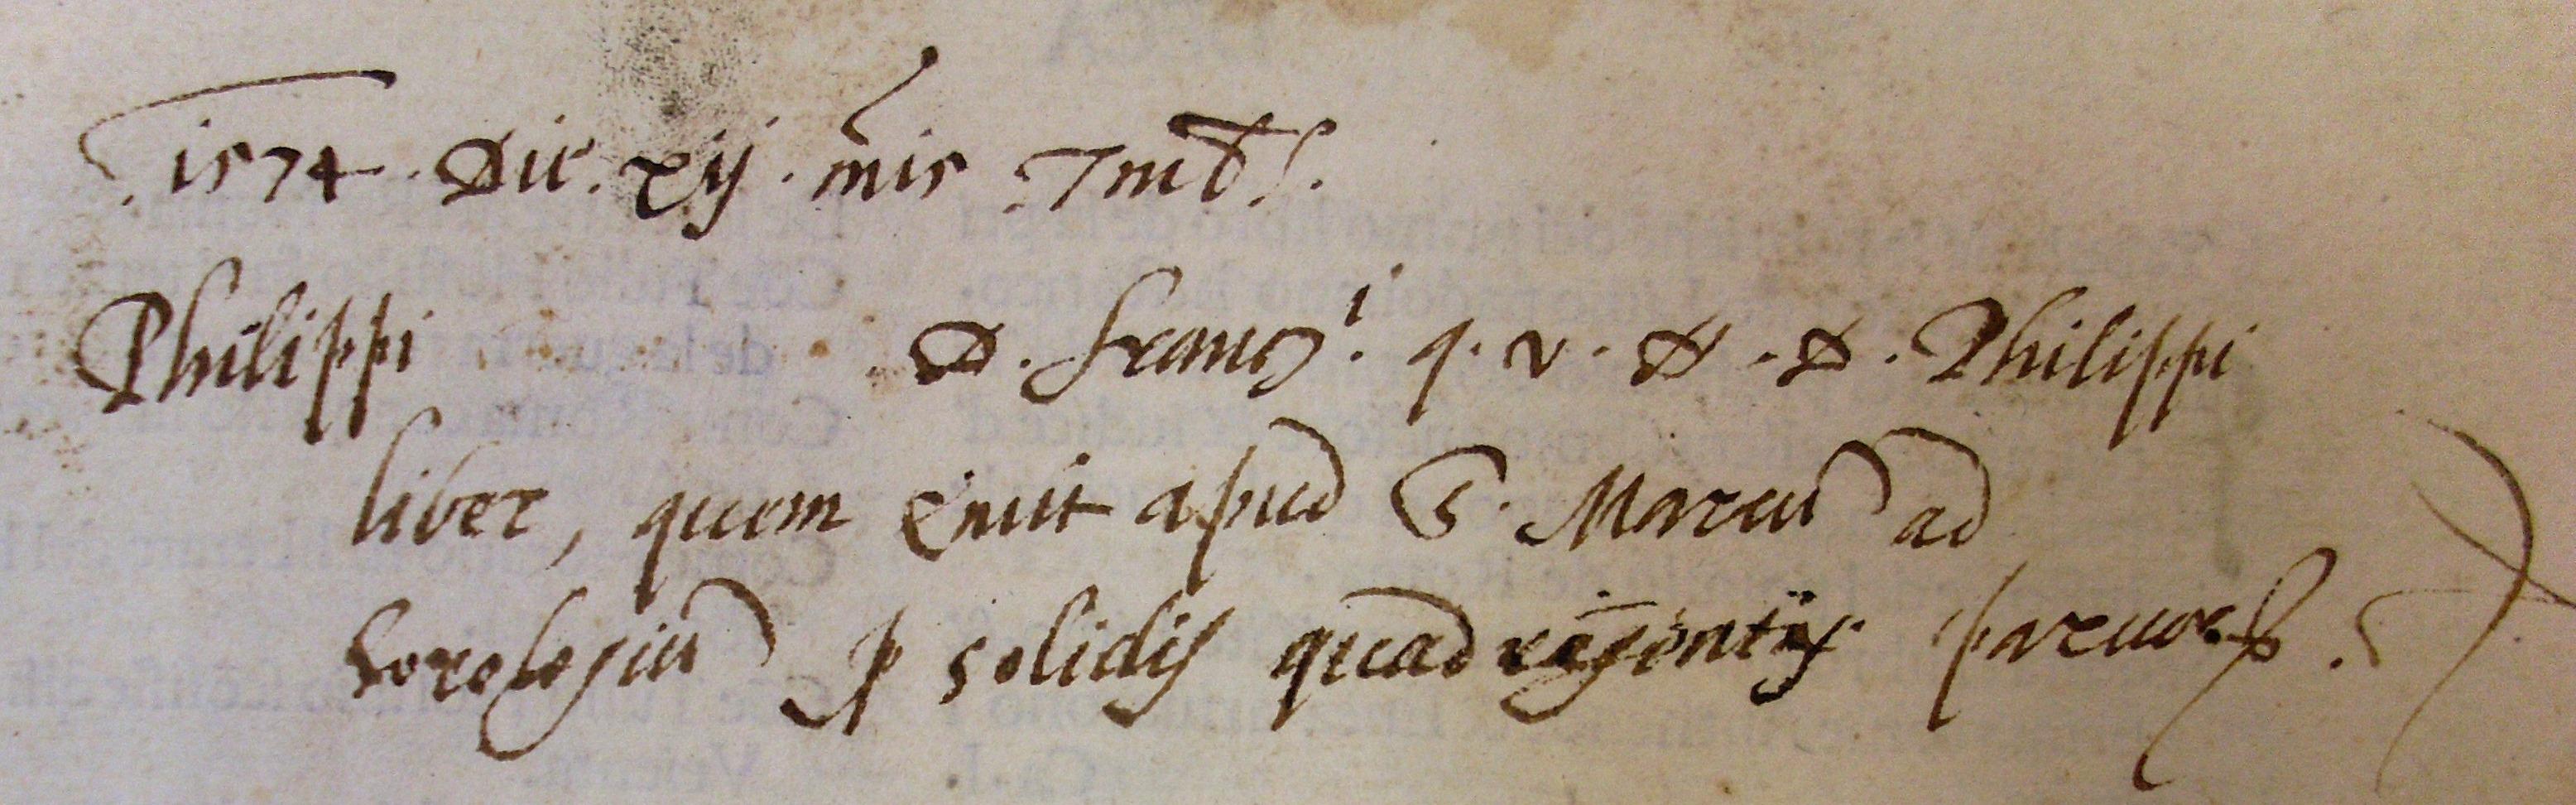 1574 die xii mensis septembris. Philippi [Basadone] d Francisci q. v. H. D. Philippi liber quem emit apud S. Marcum ad horologium pro solidis quadringentis paruorum